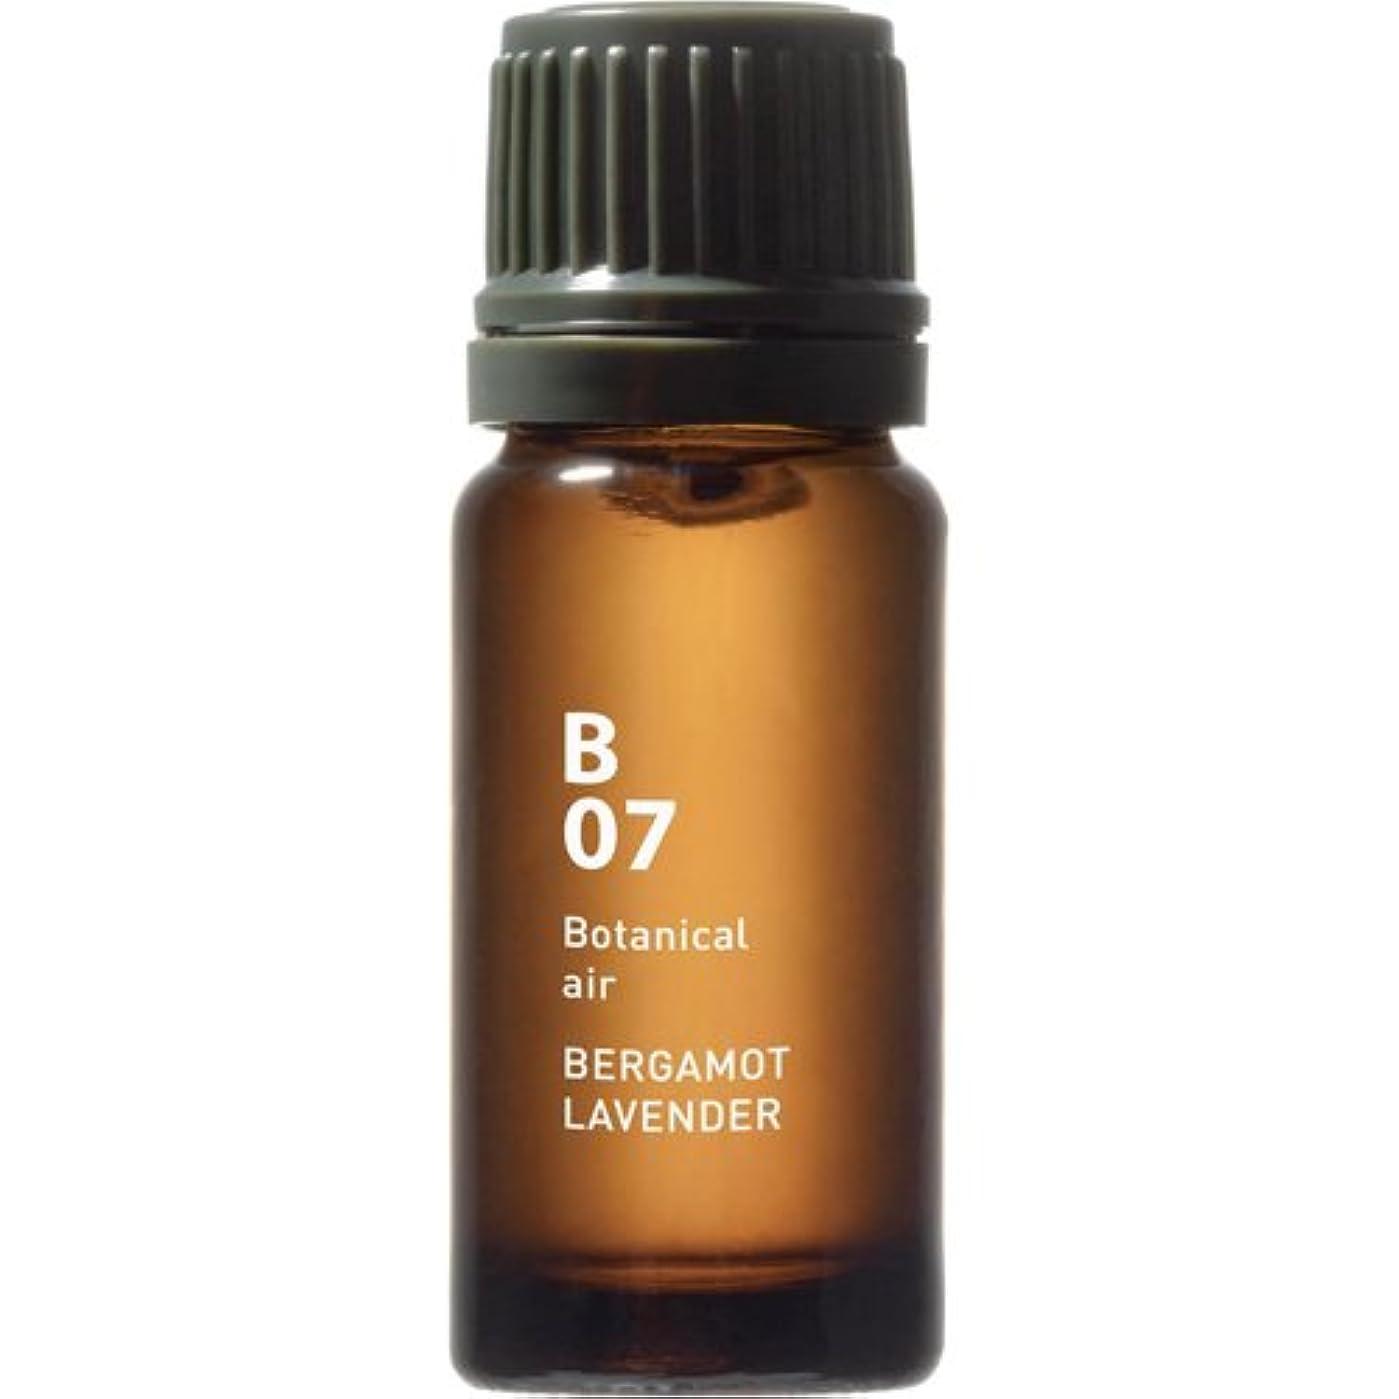 タクト違反する学士B07 ベルガモットラベンダー Botanical air(ボタニカルエアー) 10ml